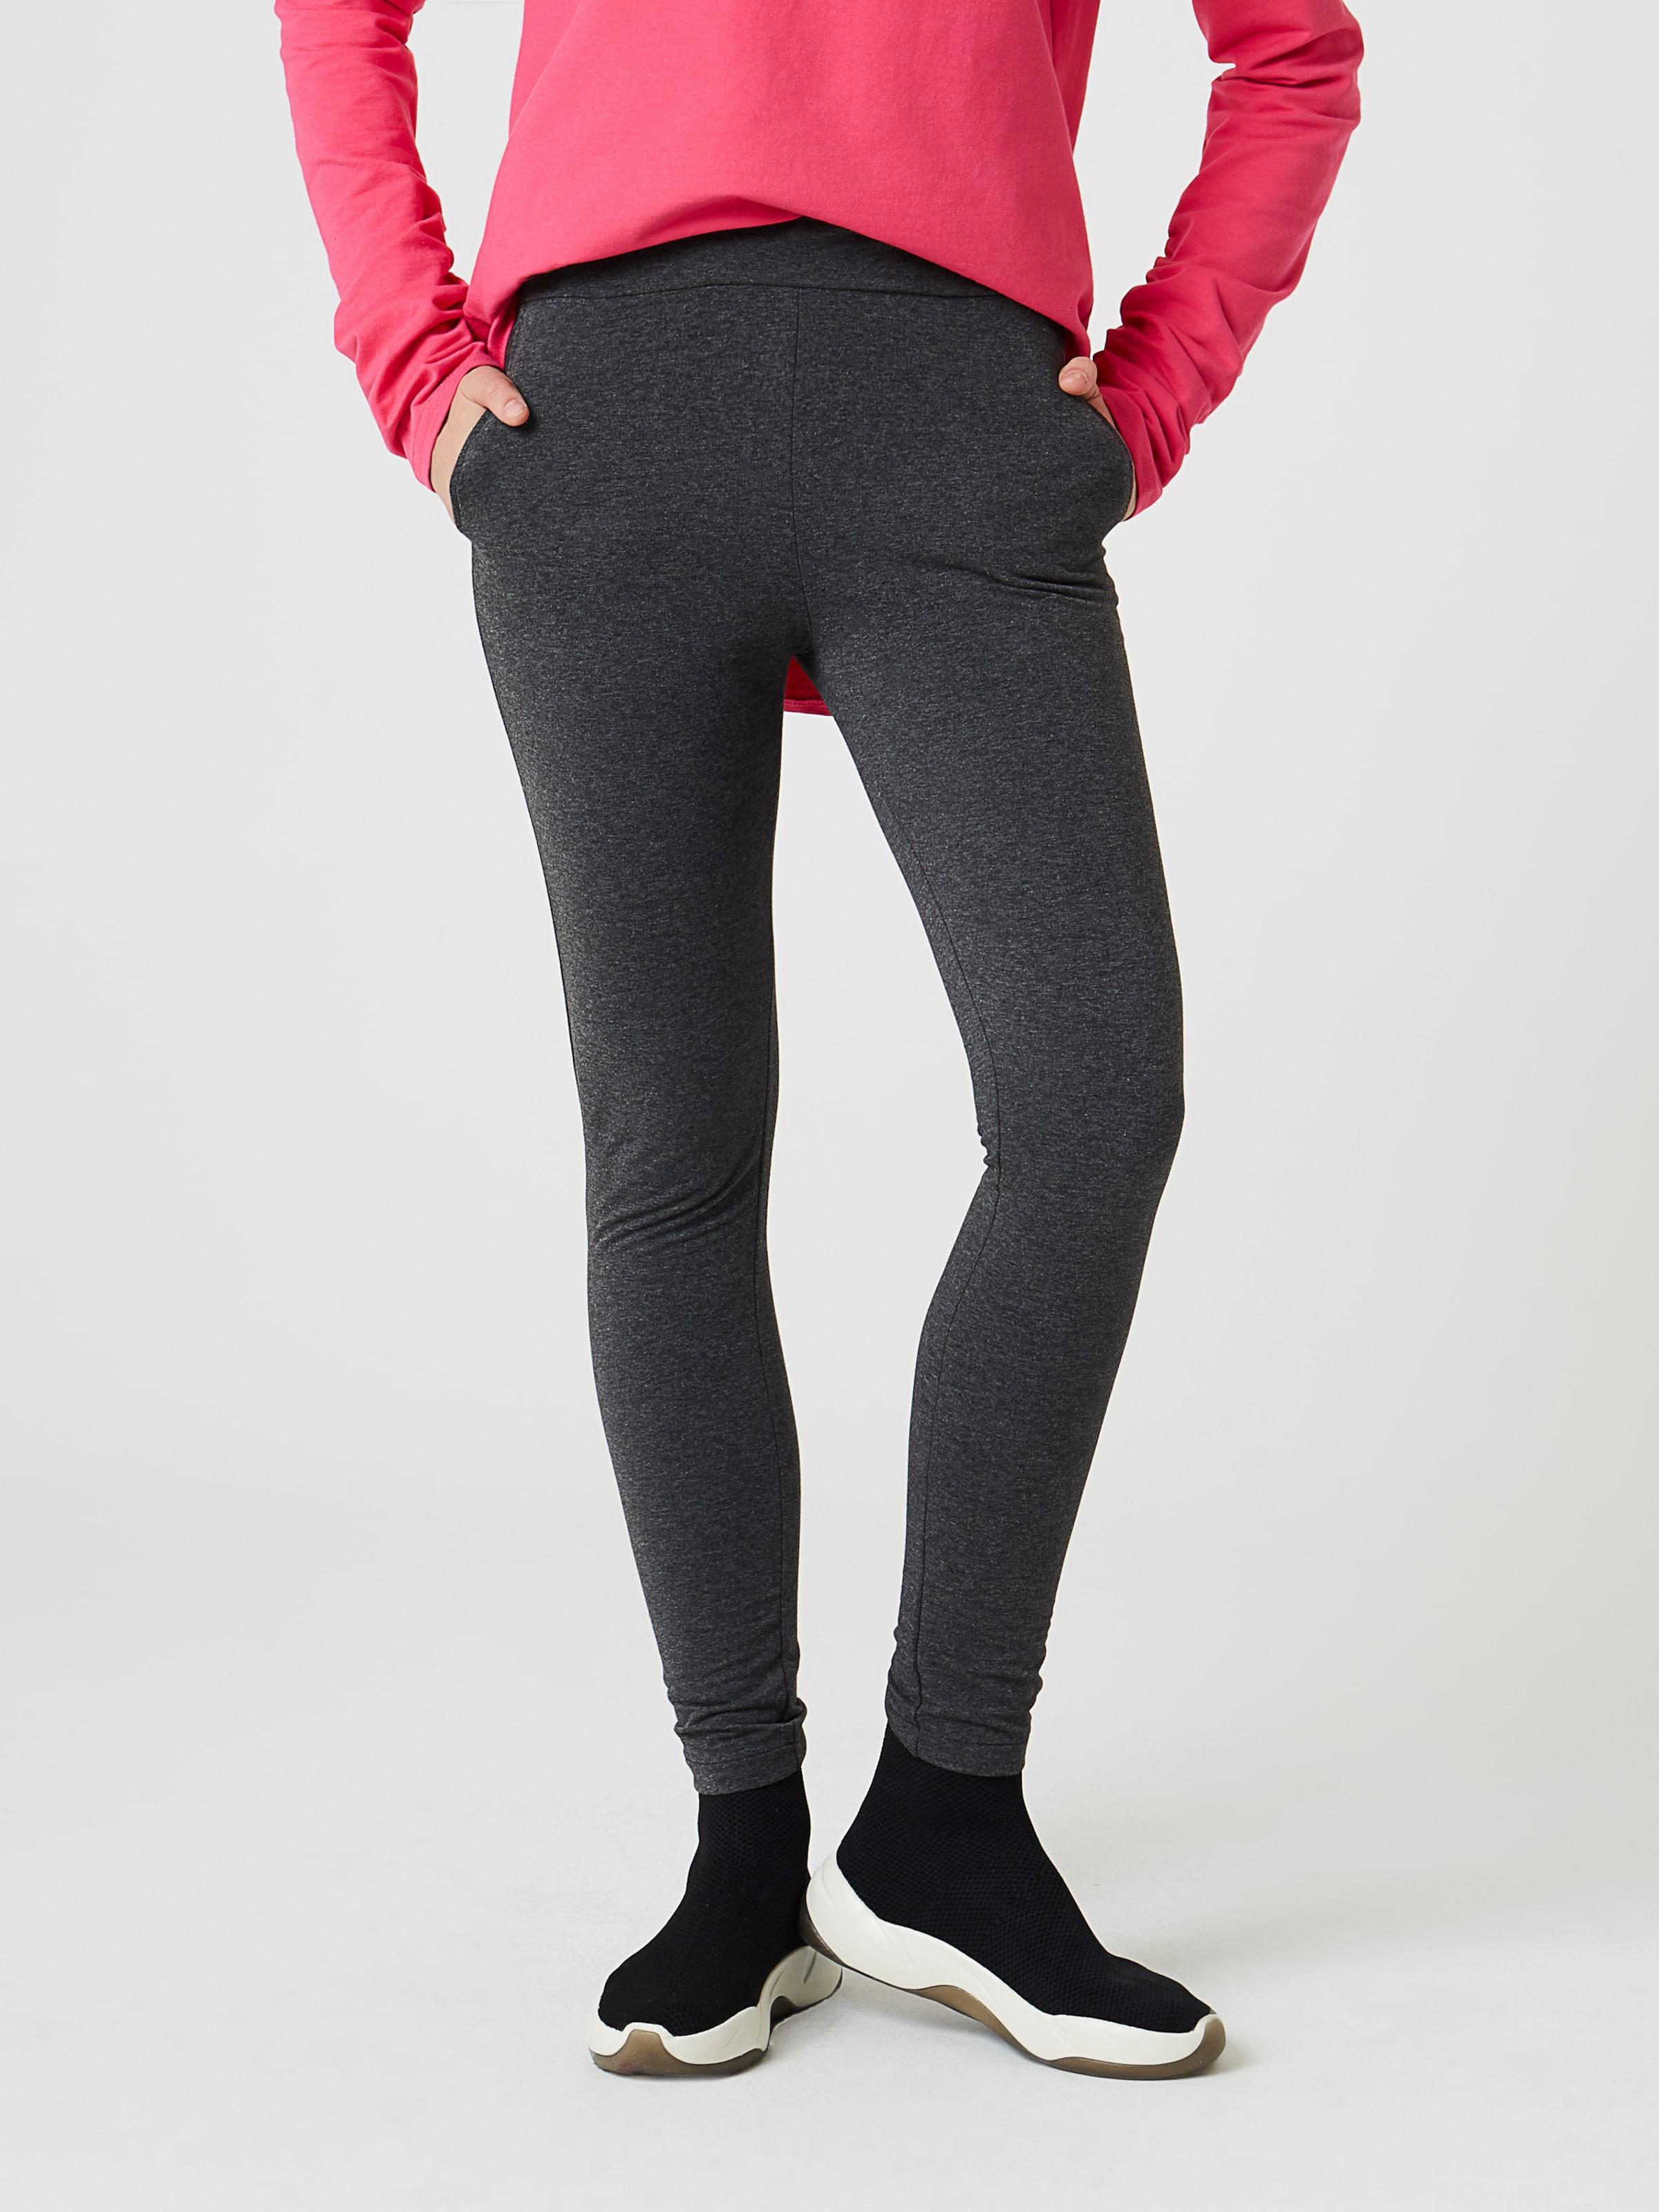 Pantalon En Talence Talence Pantalon Noir En q4jL3R5A